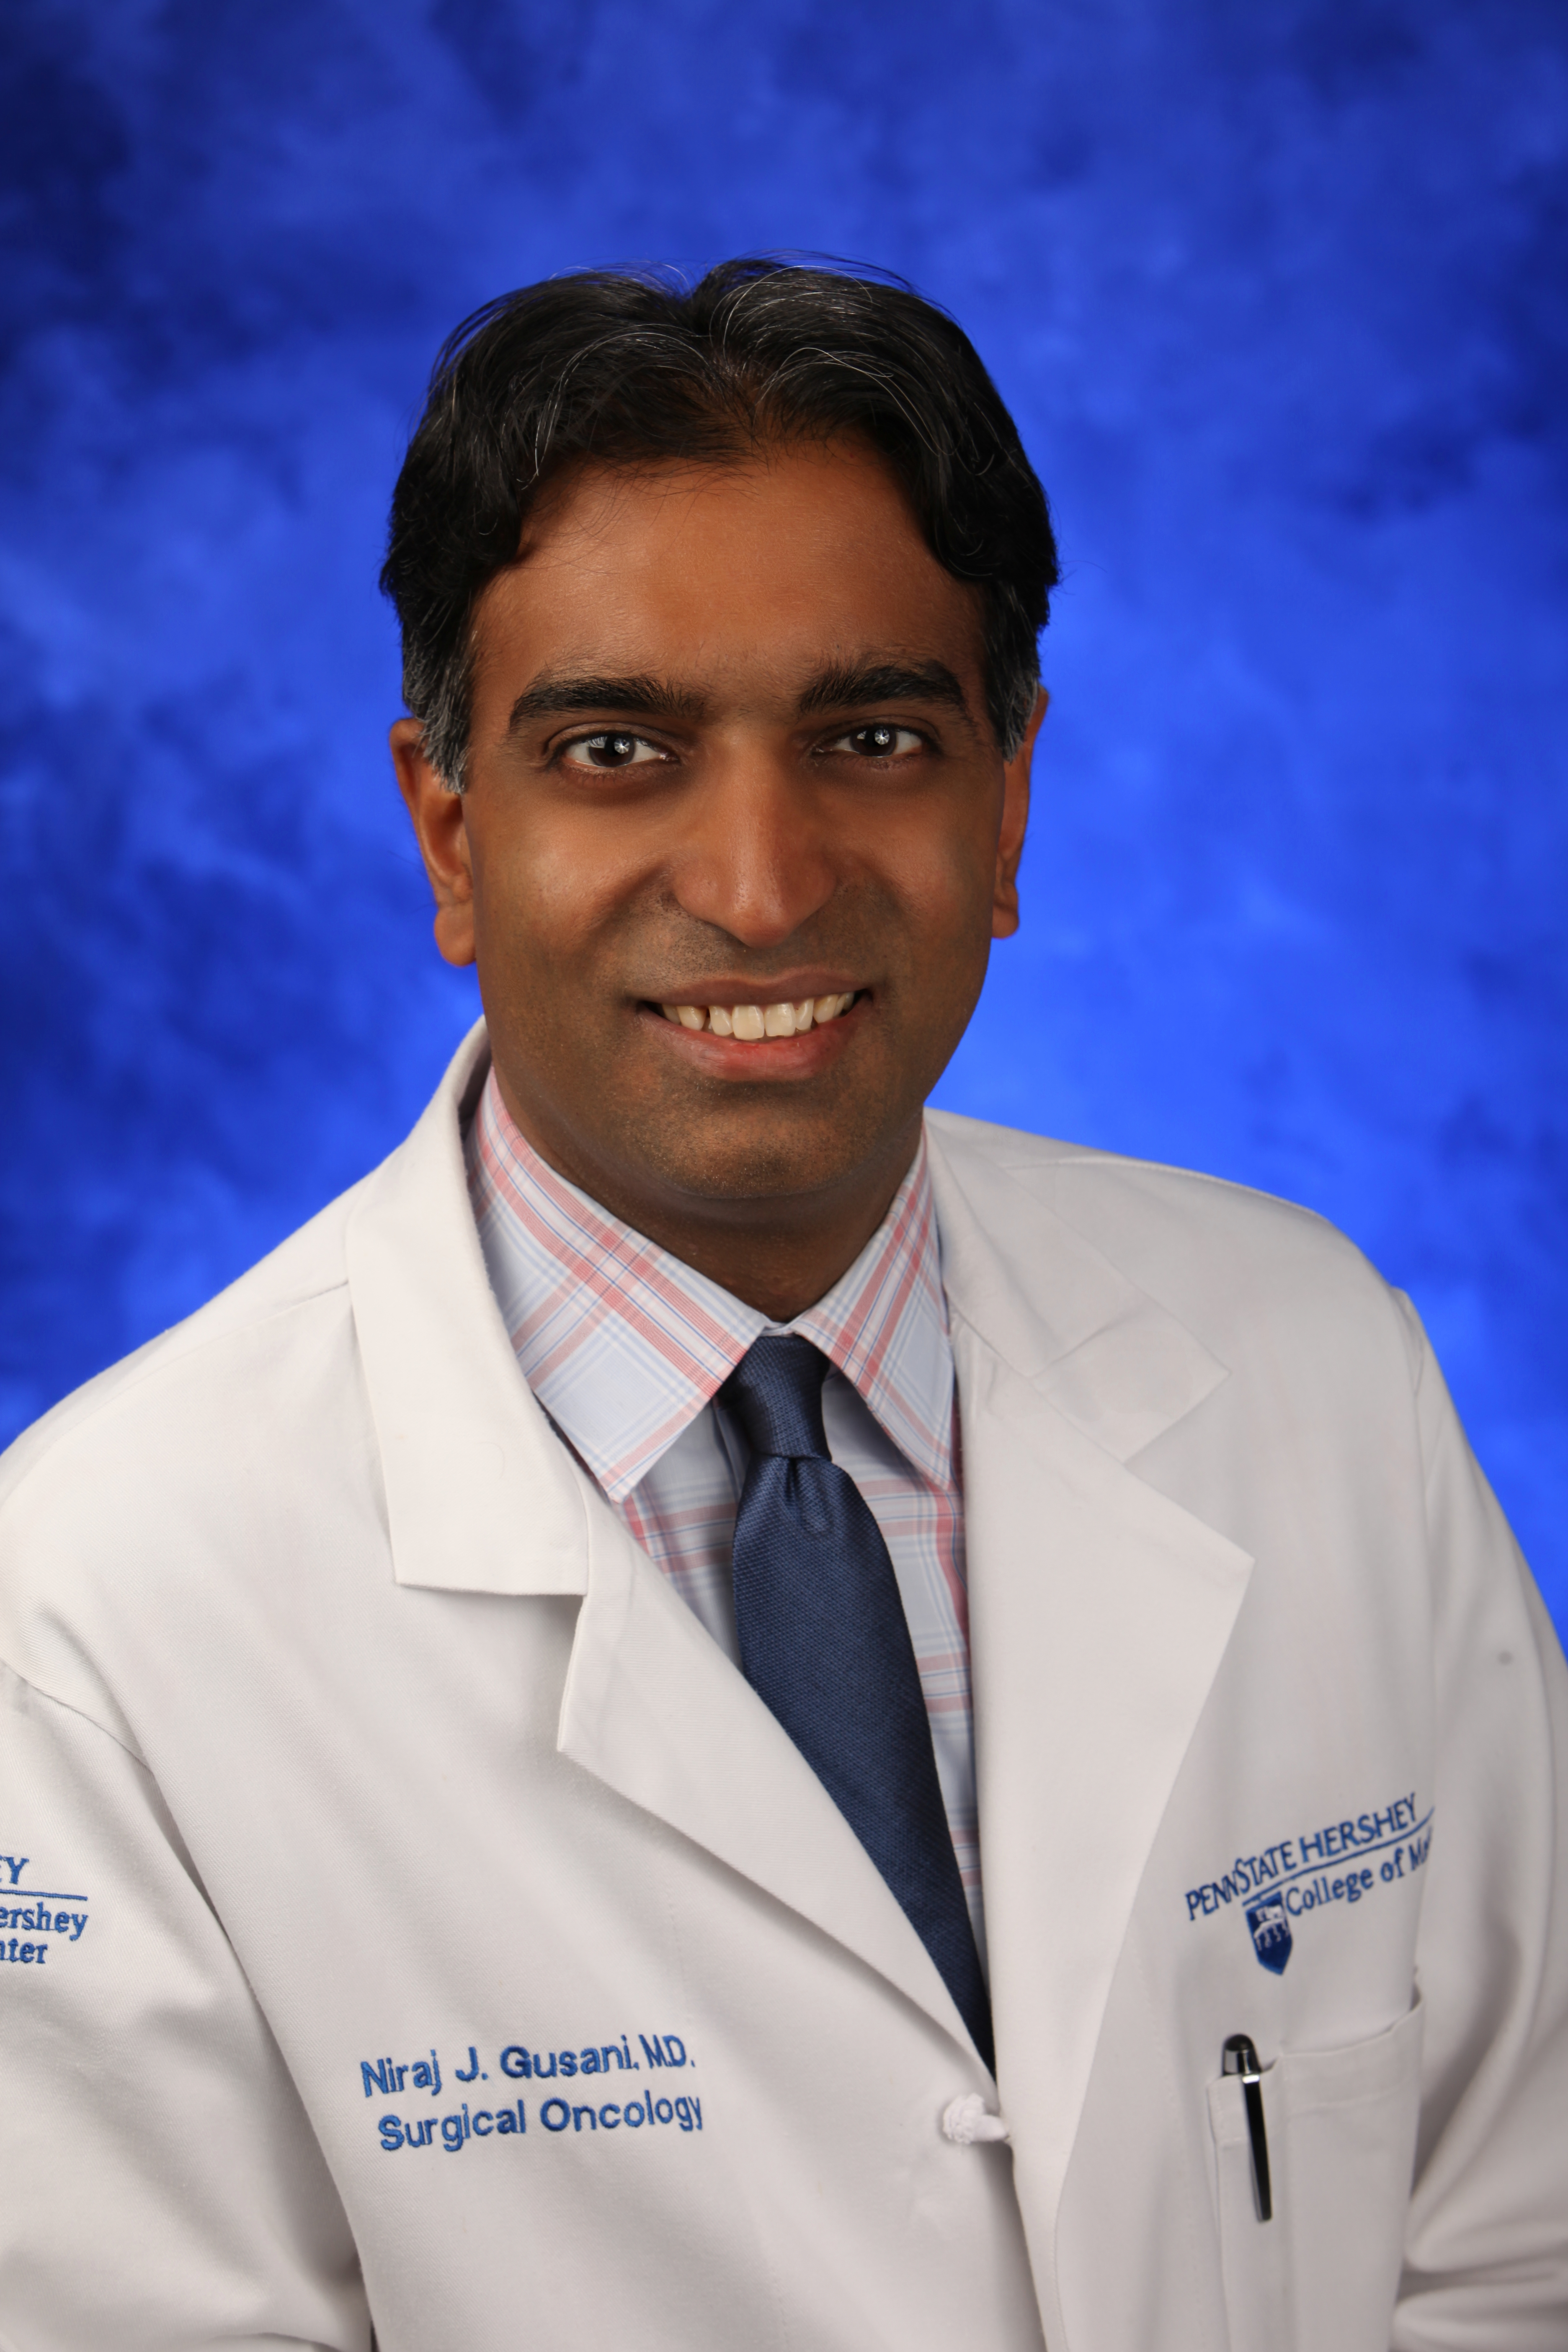 Dr. Niraj Gusani